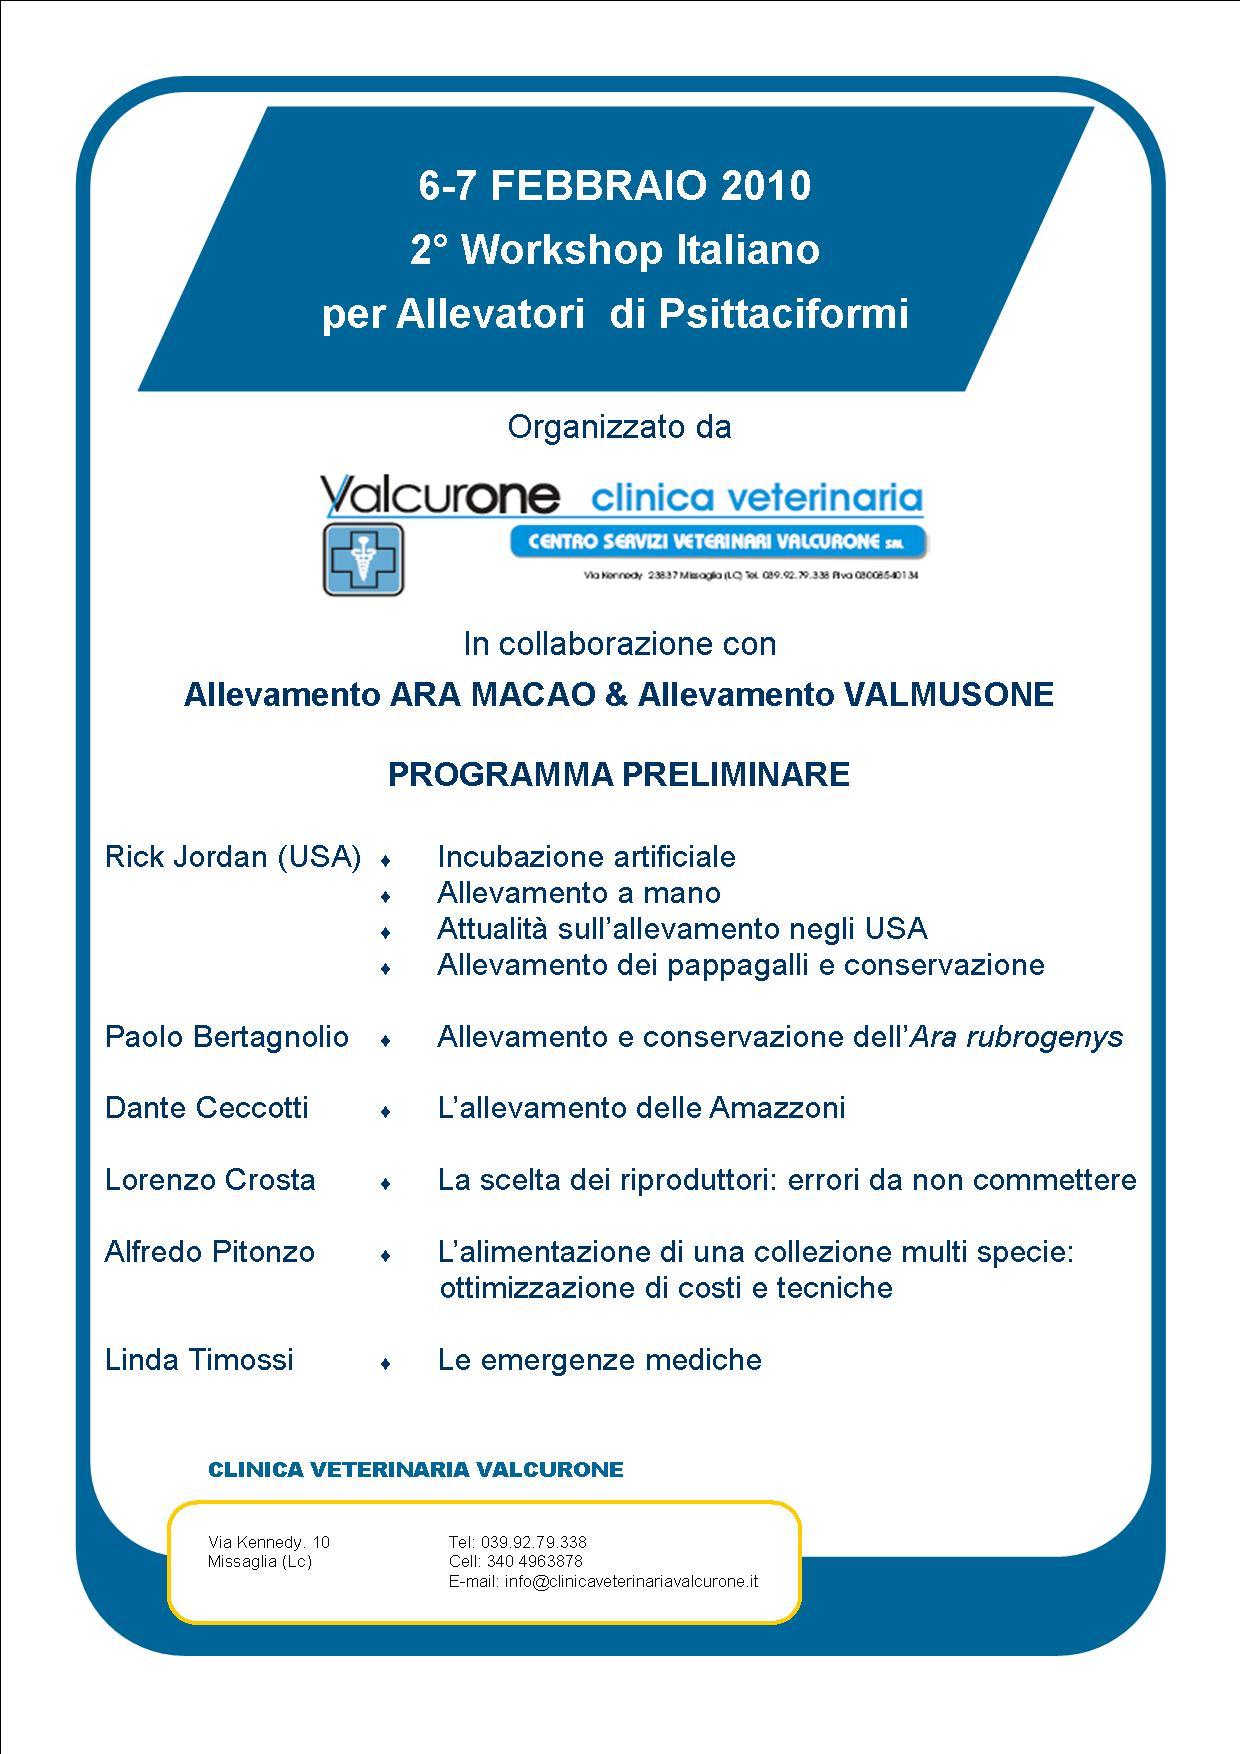 2° WIAP programma preliminare